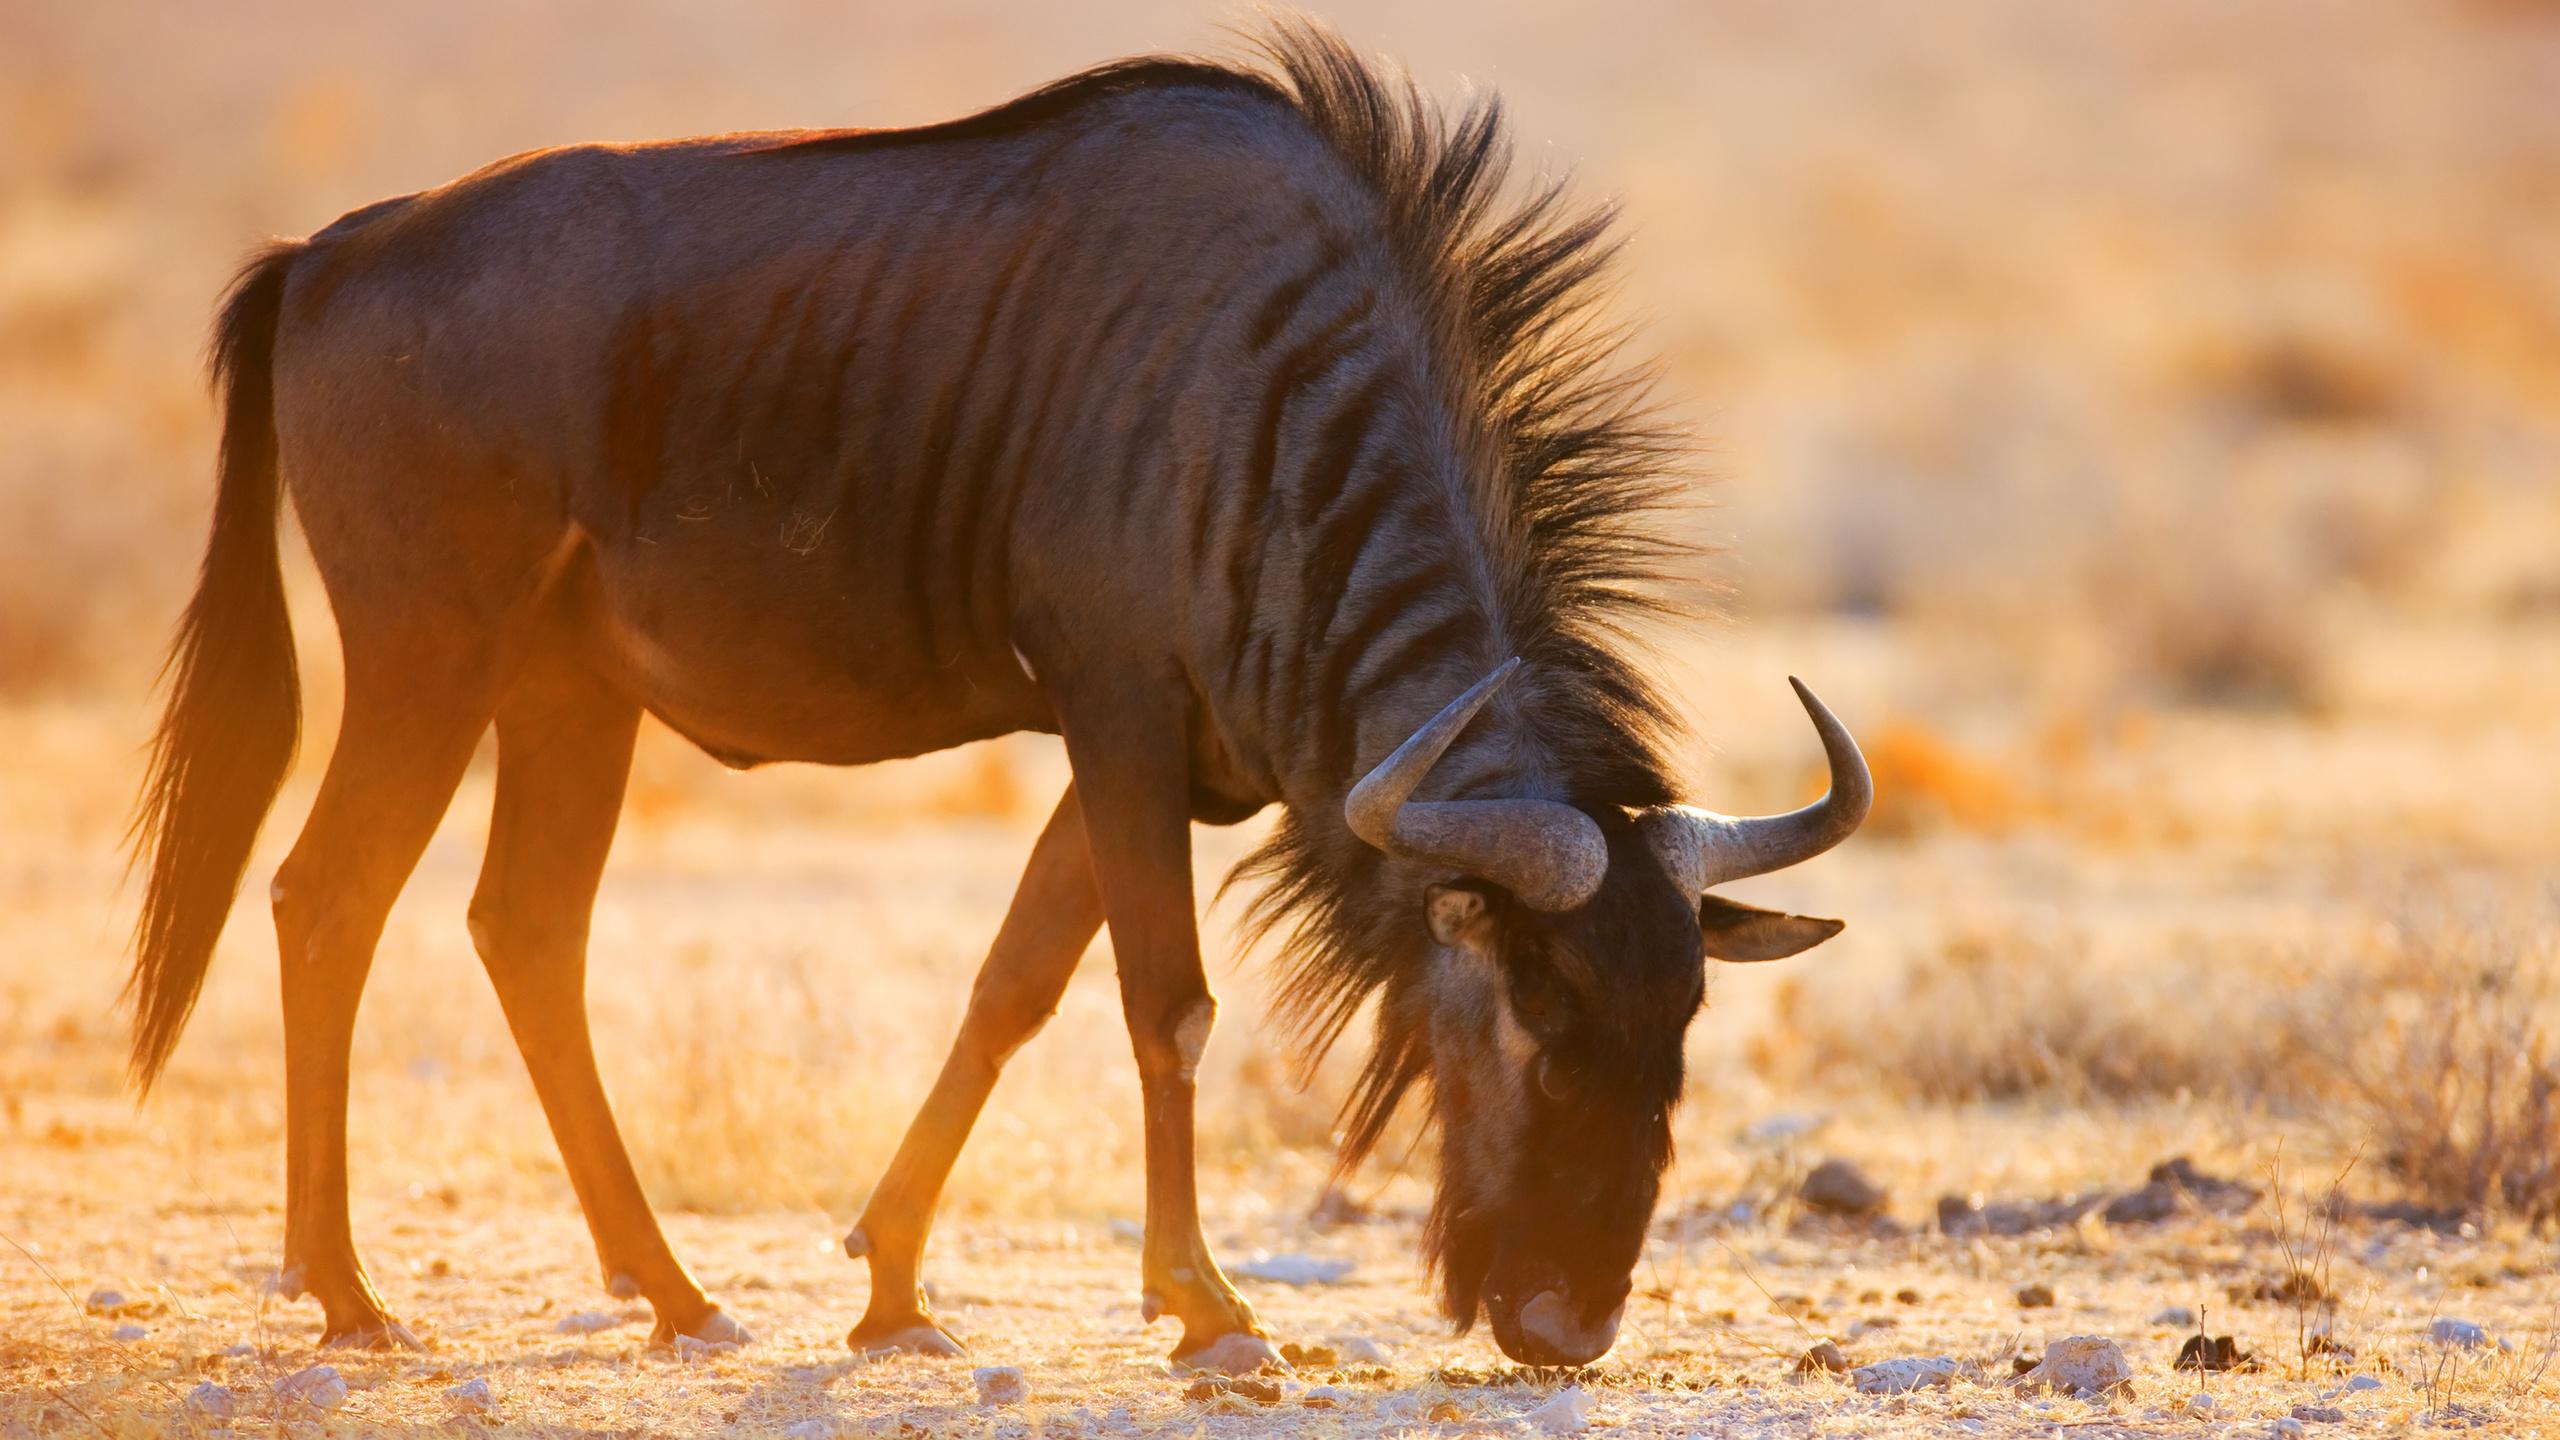 животное, антилопа гну